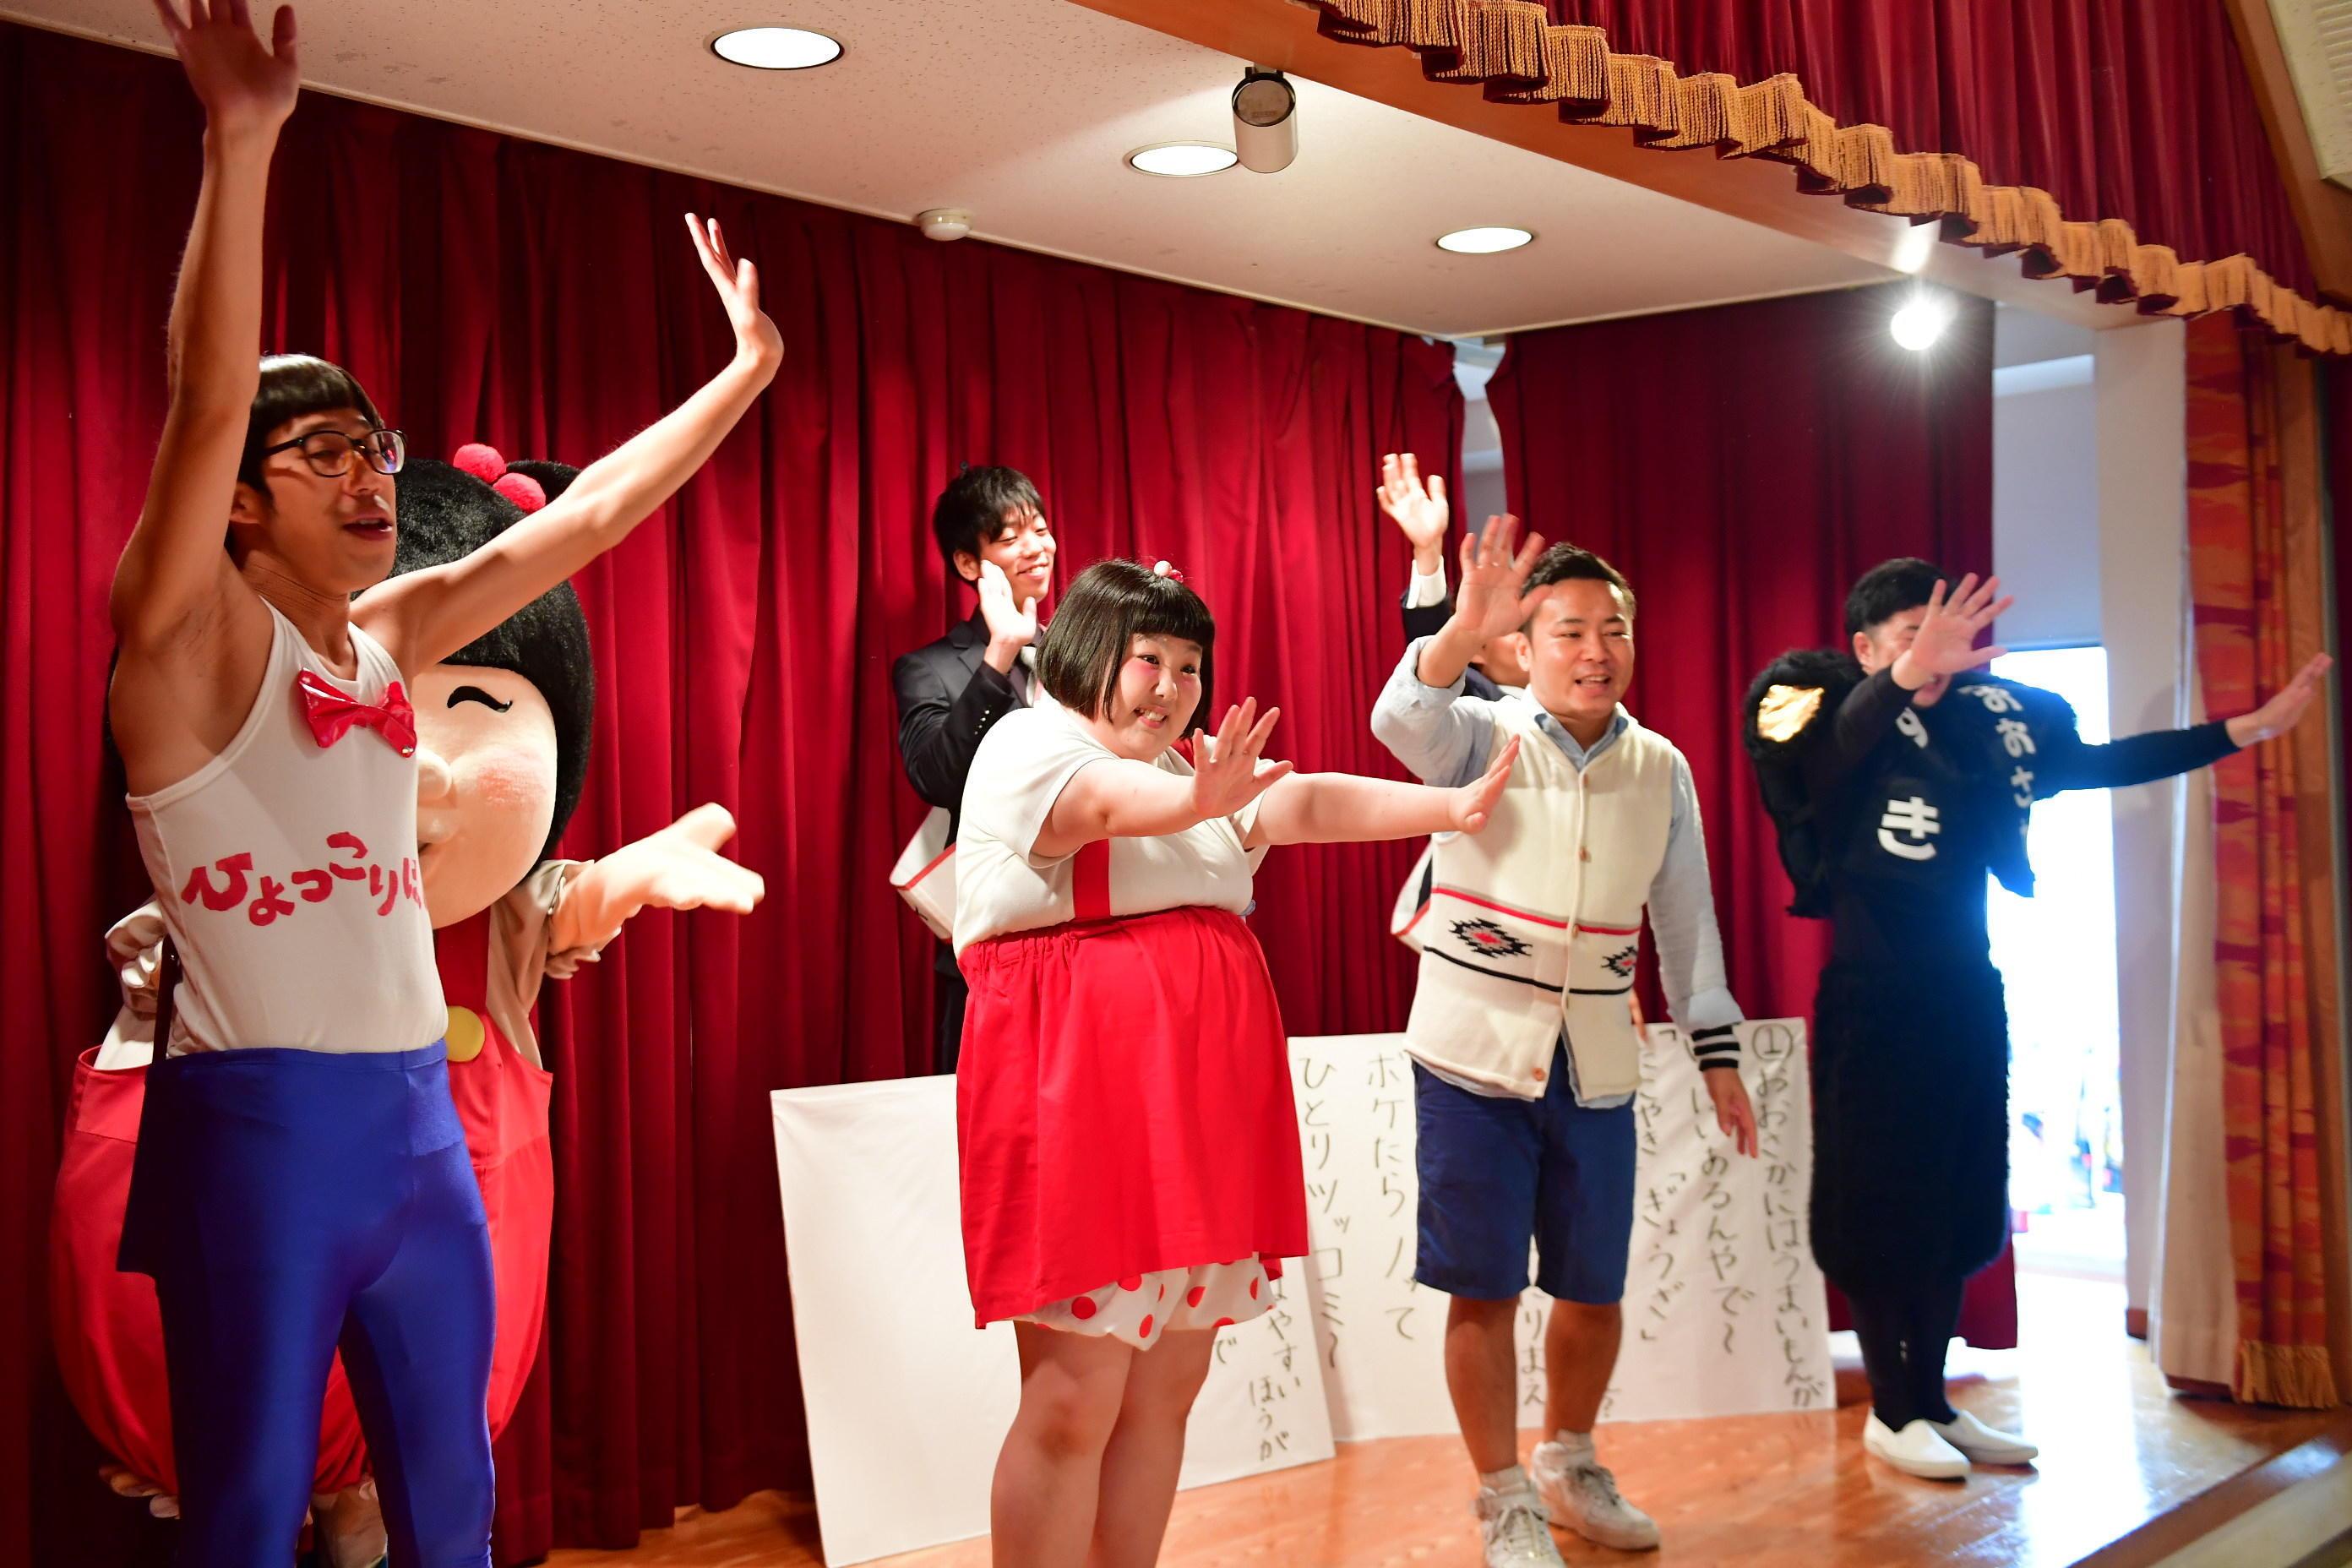 http://news.yoshimoto.co.jp/20180914155621-5d76917cd47ab5fc4d0b840039c6ba1be1b752f4.jpg